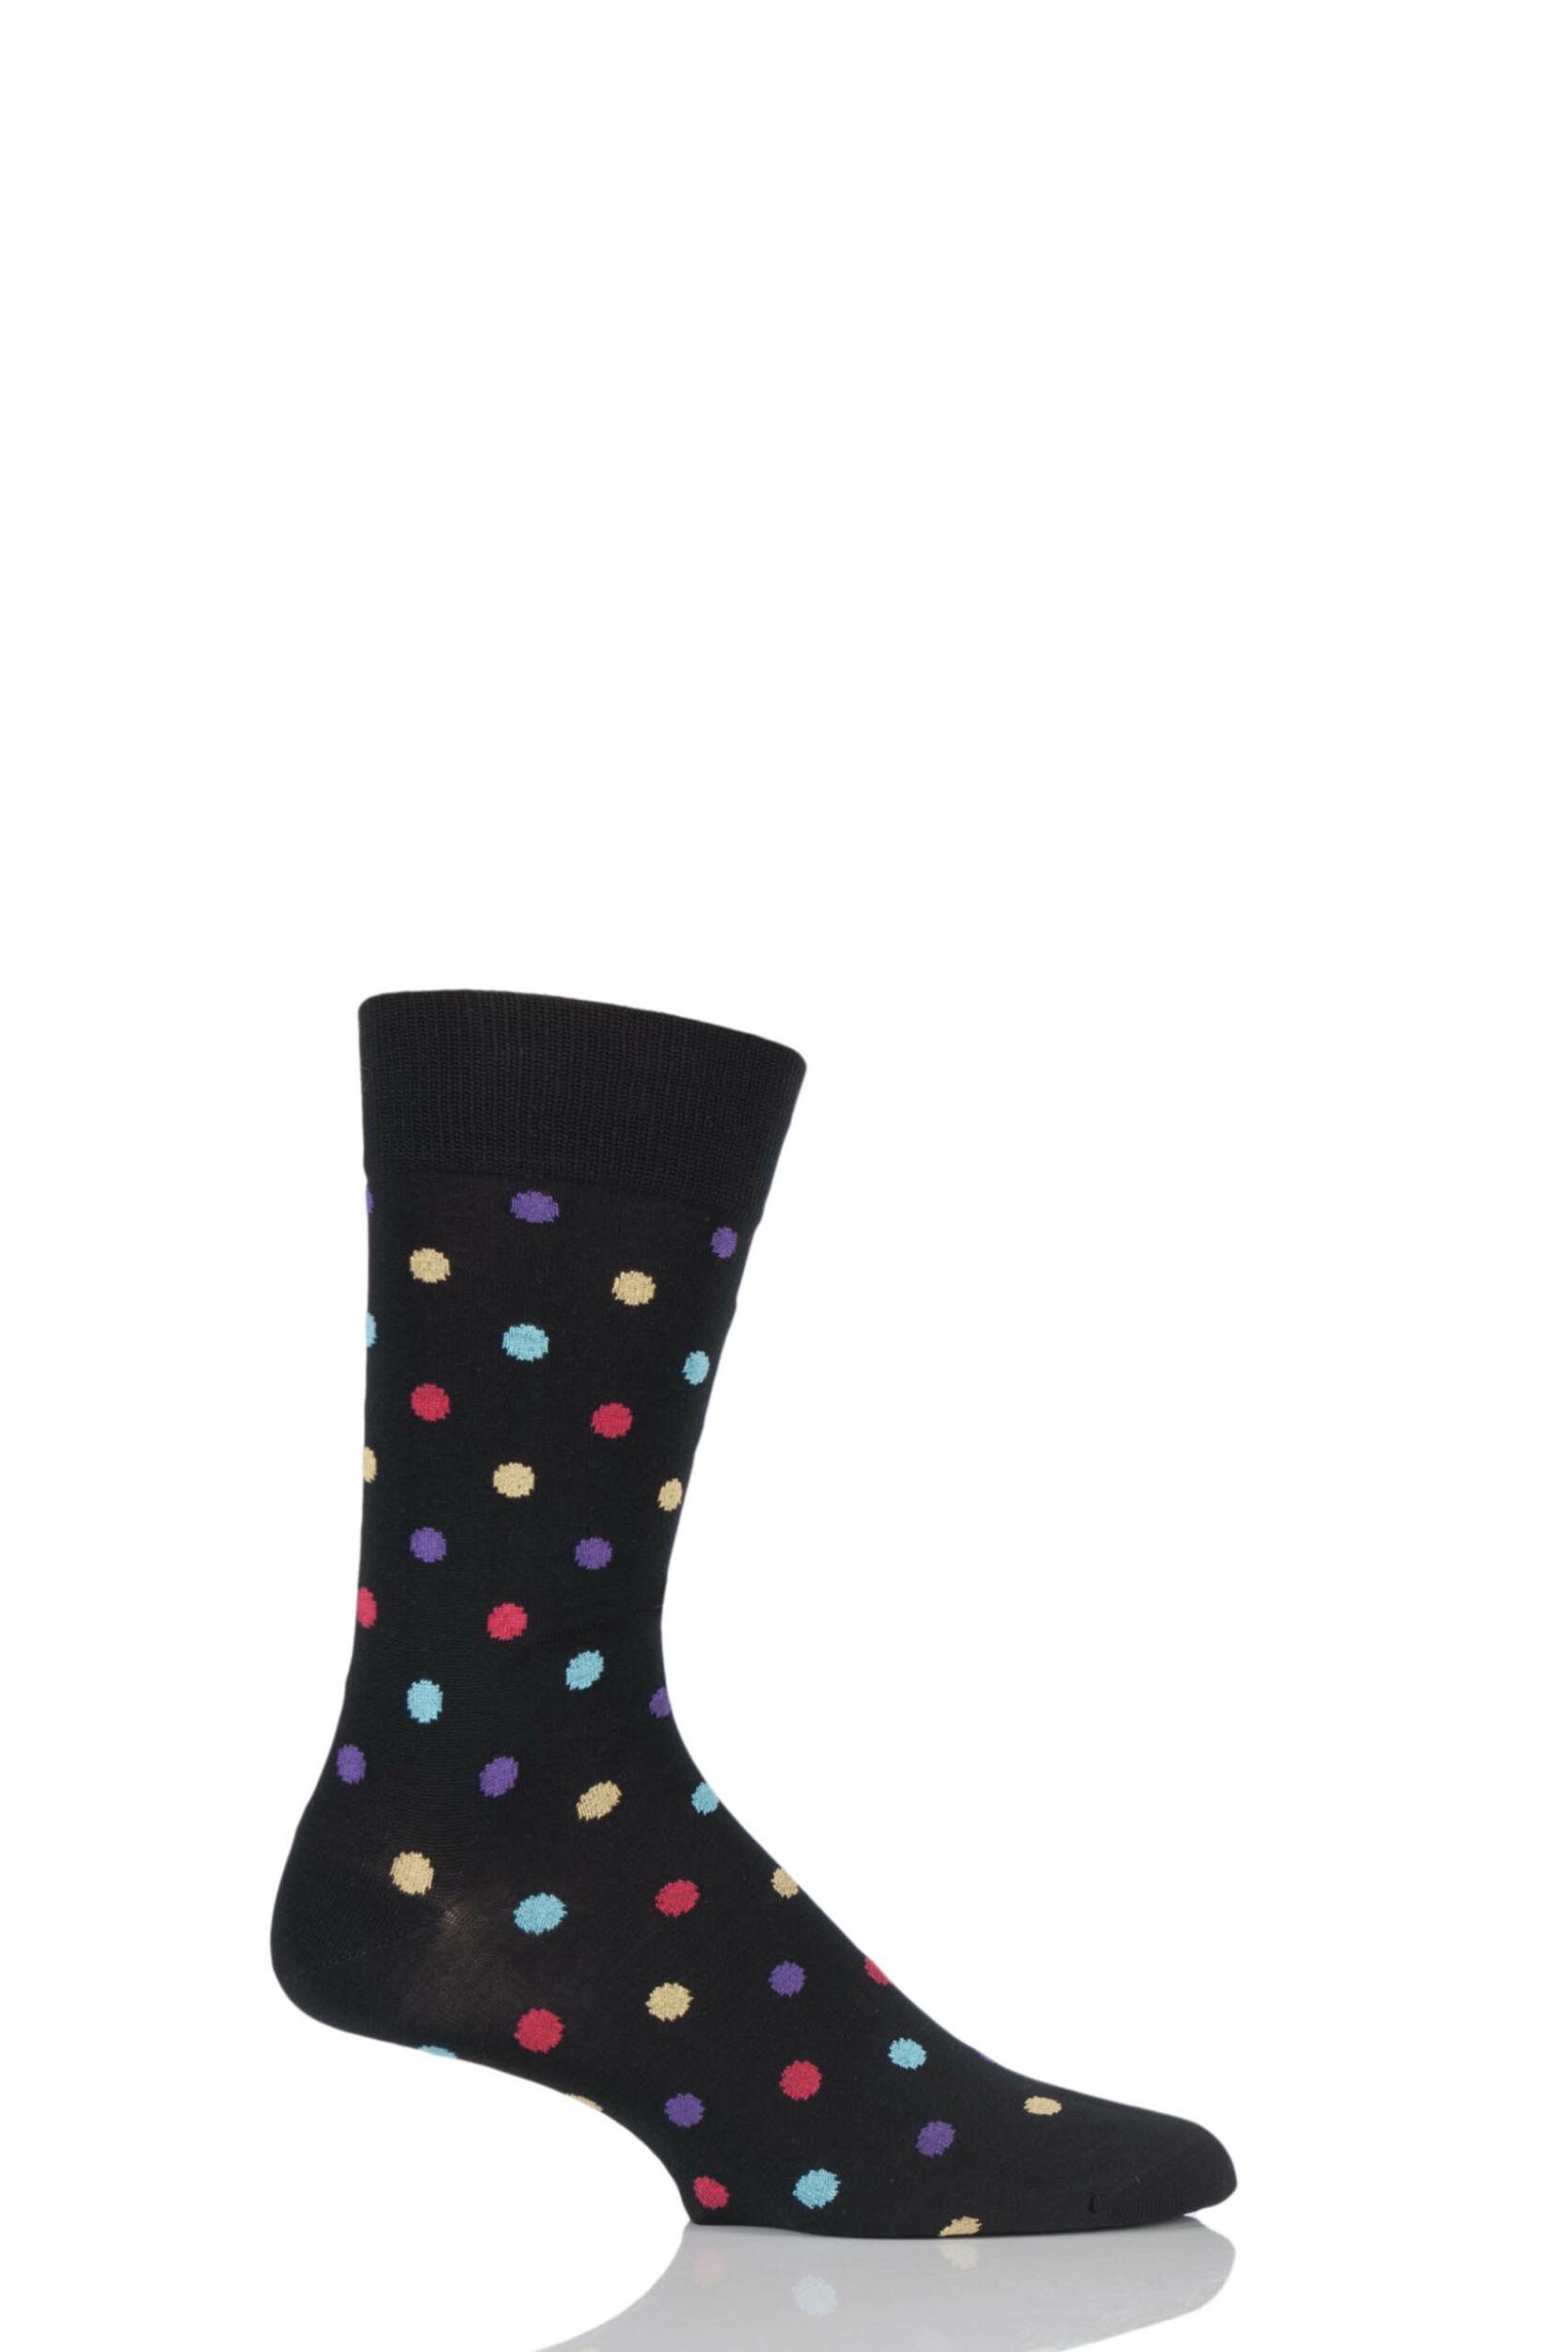 Mens 1 Pair HJ Hall Mercerised Cotton Washington Multi Coloured Spots Socks